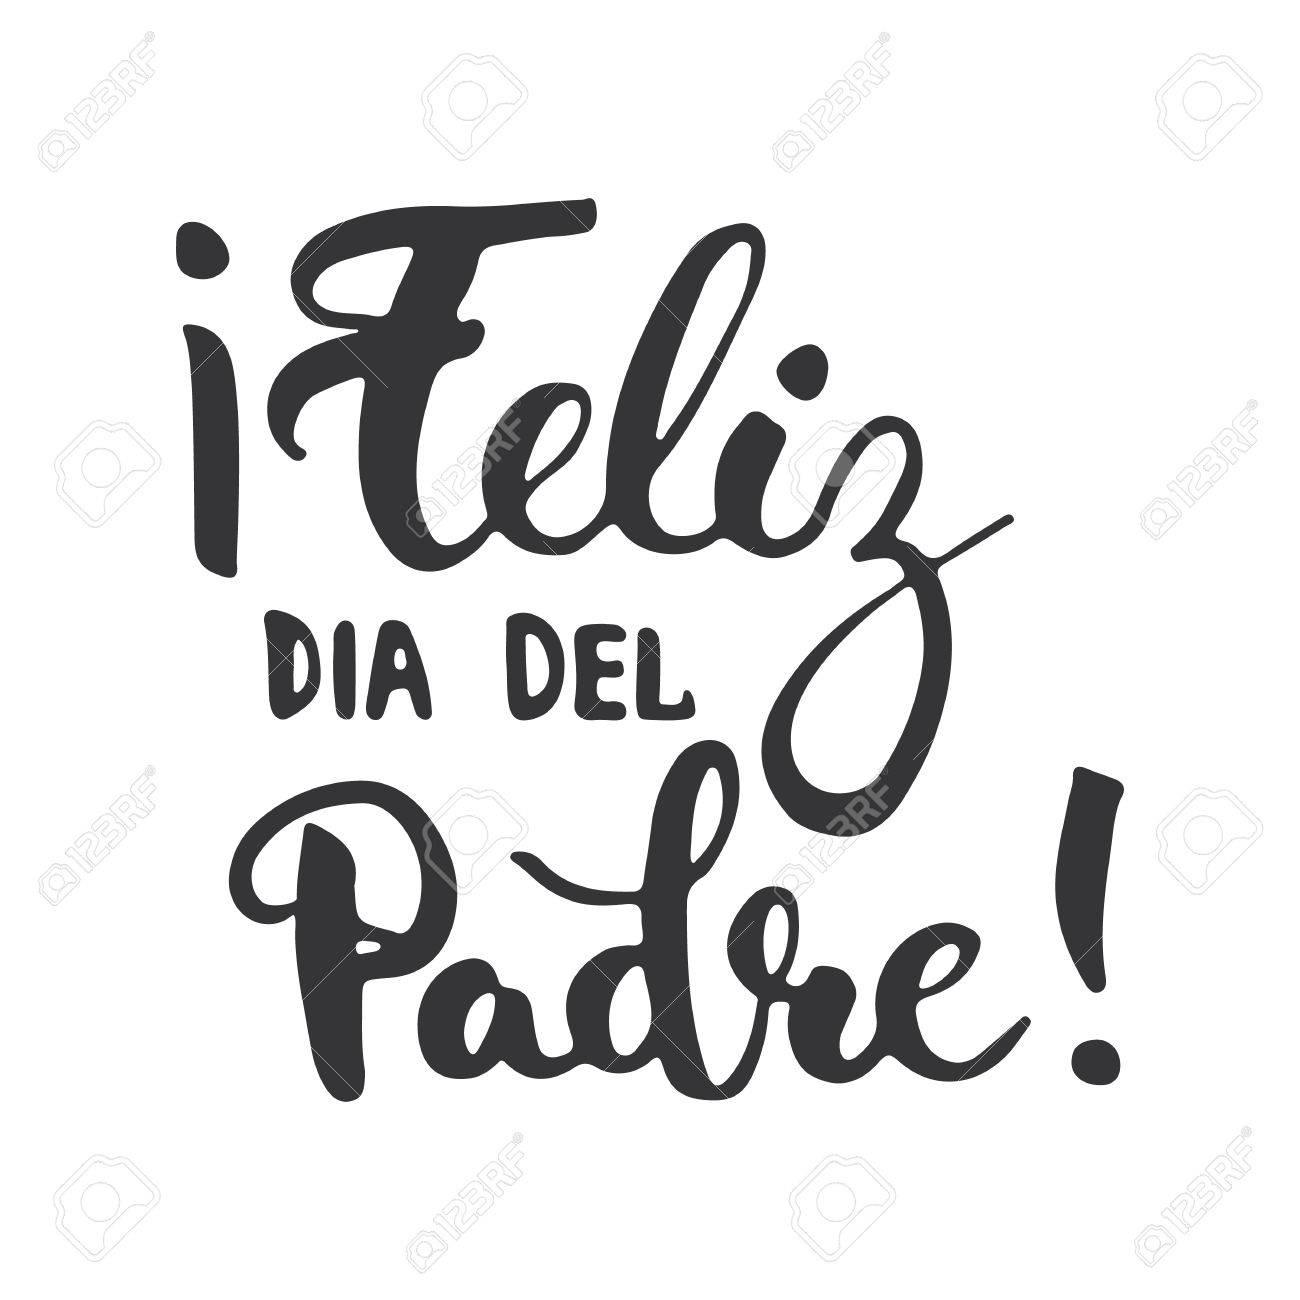 Día De Las Letras De Caligrafía Frase Del Padre En Feliz Dia Del Padre Tarjeta De Felicitación Española Aislado En El Fondo Blanco Ilustración Para